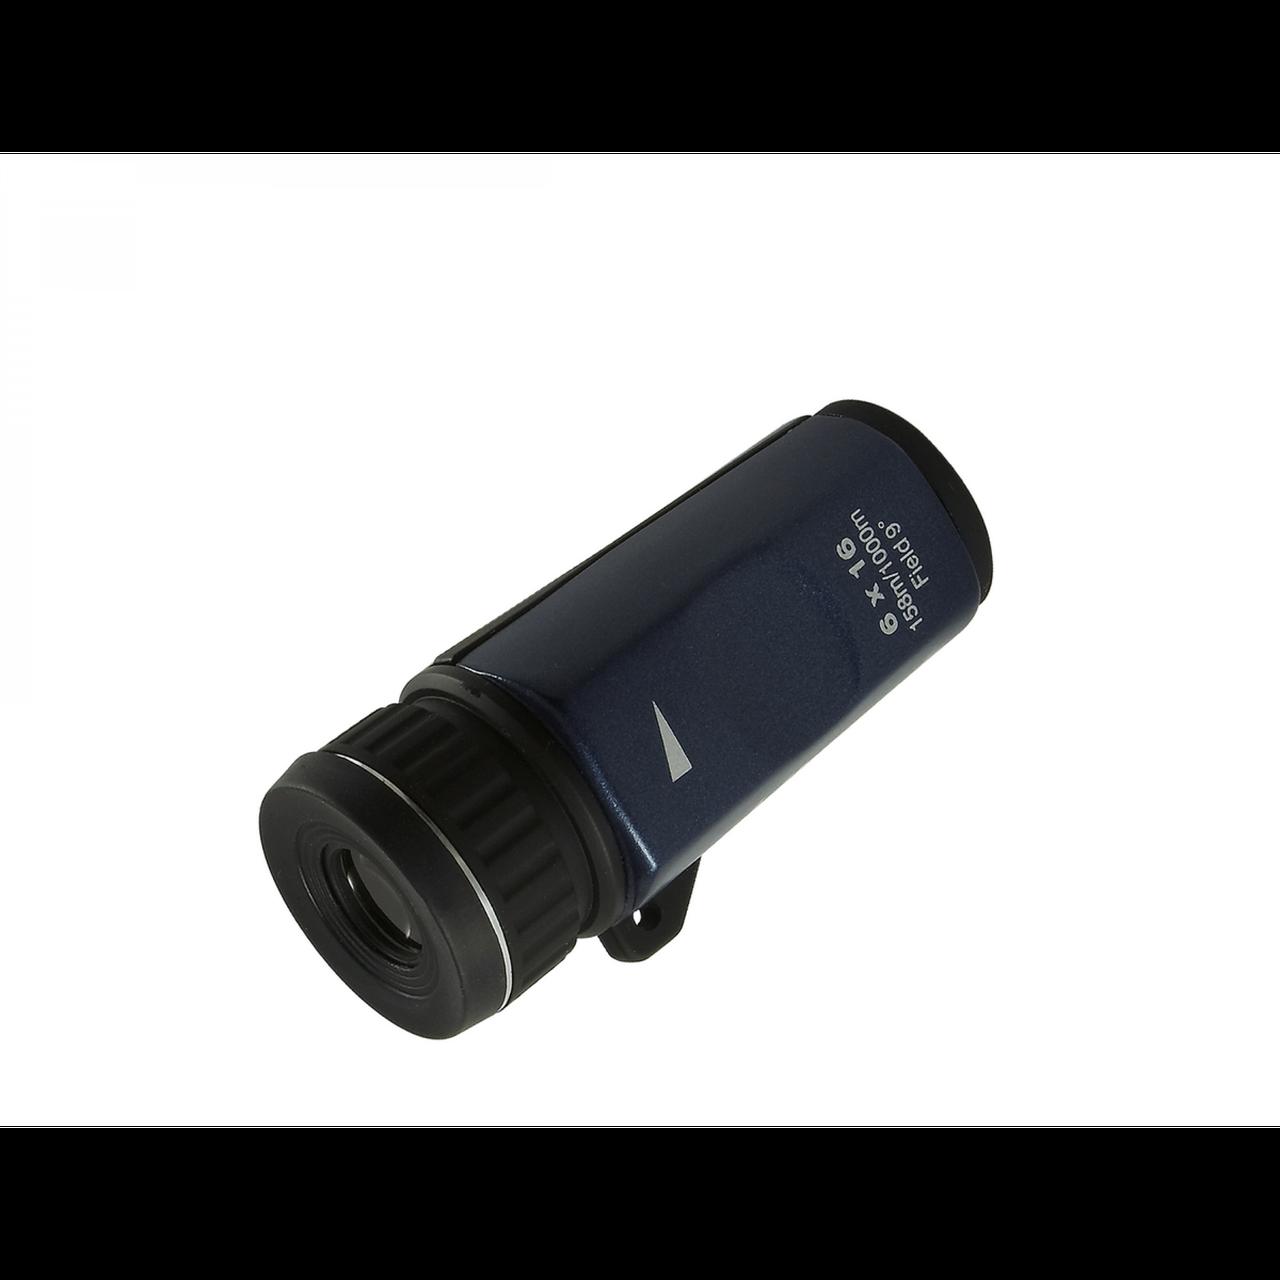 Монокуляр 6x16 - Nikon